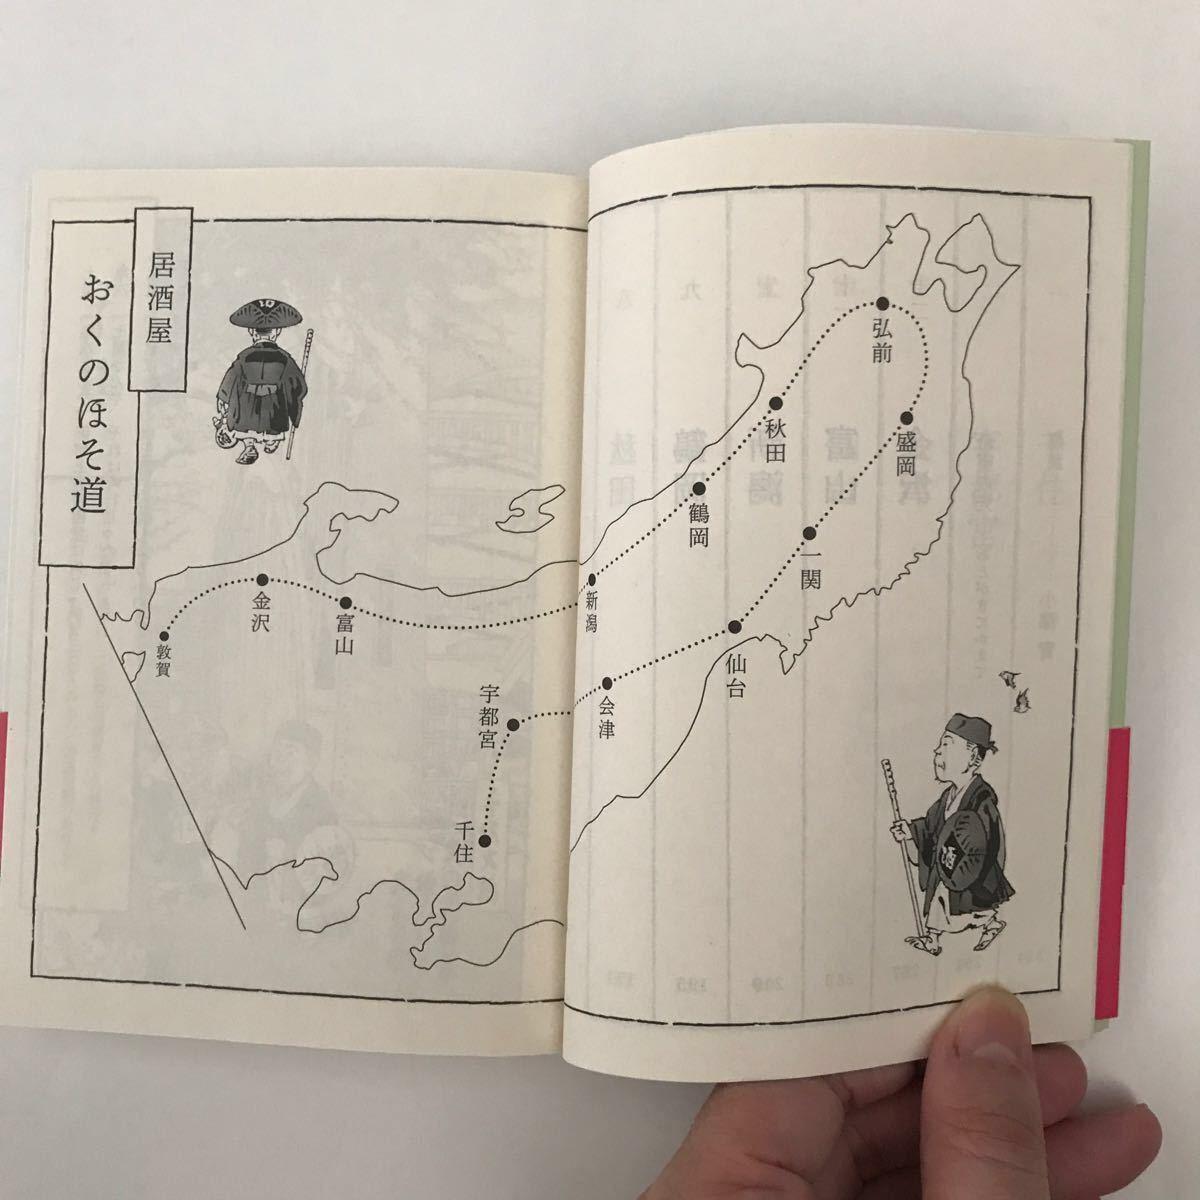 文春文庫 居酒屋 おくのほそ道 太田和彦 本 東北 芭蕉 酒場 紀行 俳句